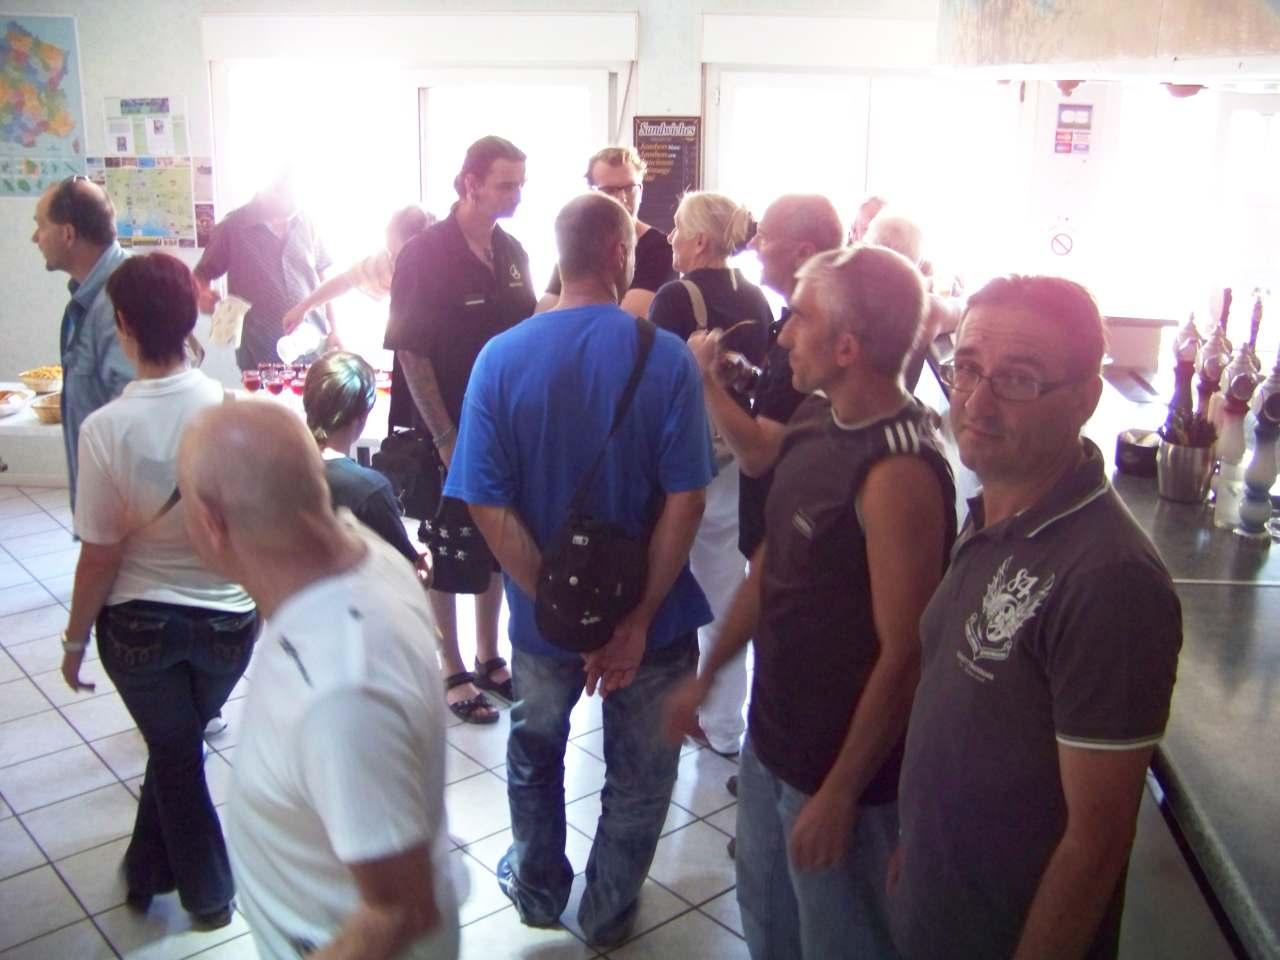 [Rasso] 22 Septembre 2012 - Rassemblement Dans Le Sud De La France (Orgon) Orgon-120922-044